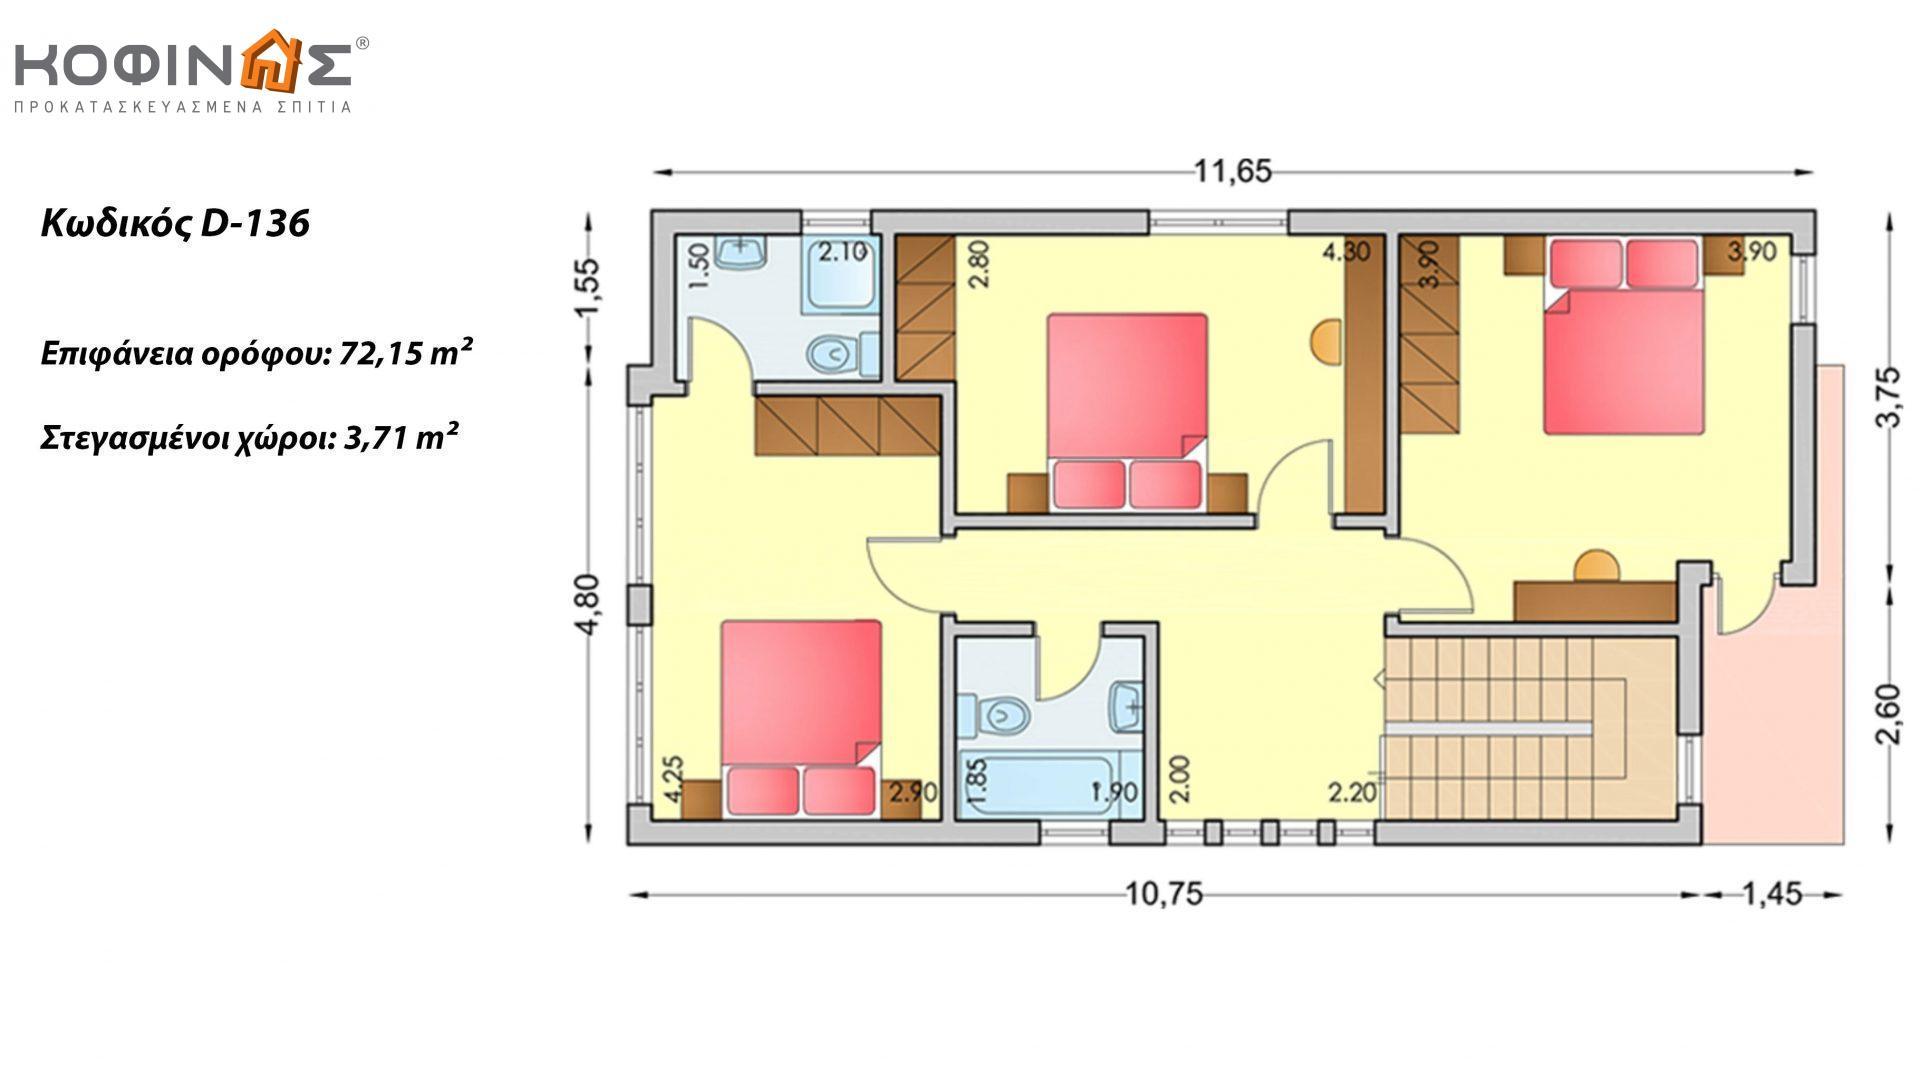 Διώροφη Κατοικία D-136, συνολικής επιφάνειας 136,39 τ.μ., συνολική επιφάνεια στεγασμένων χώρων 14.80 τ.μ.